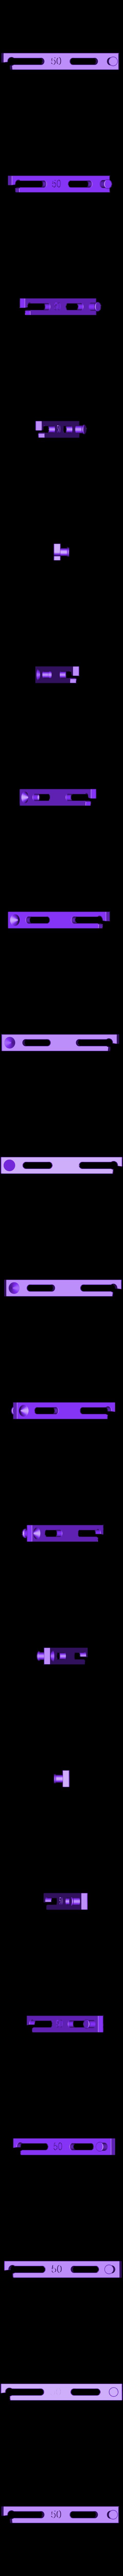 snapStick_50mm.stl Download free STL file Snap Stick, Bar, Interlocking, Math • 3D print model, LGBU